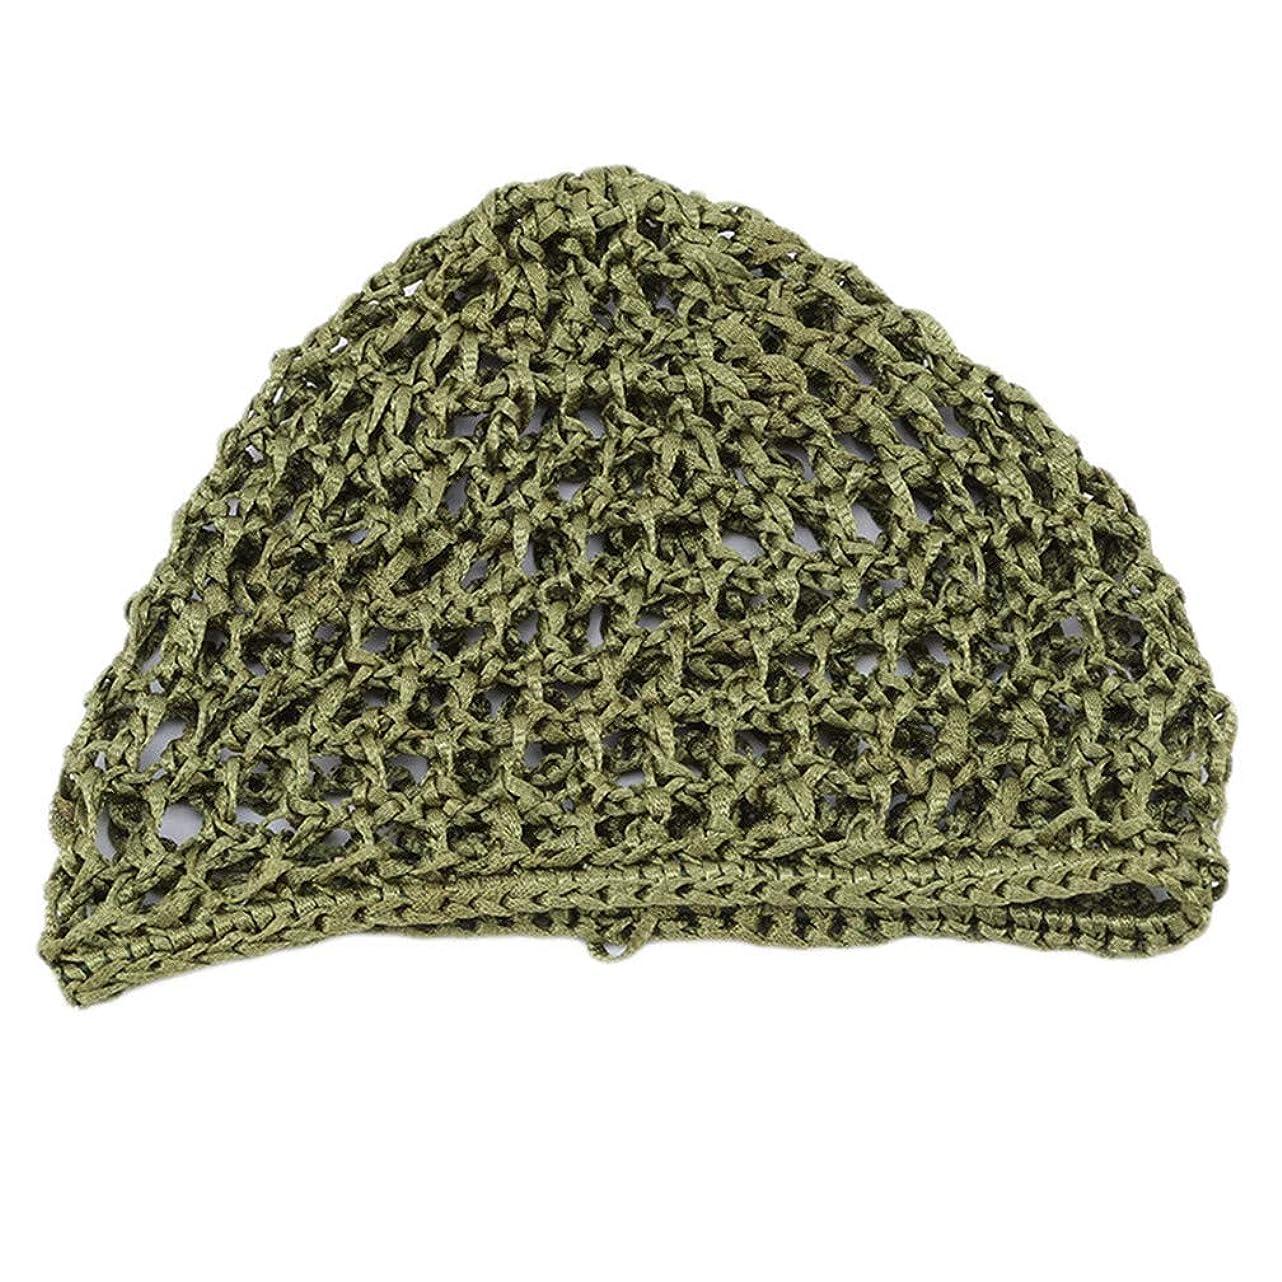 瞳かなり発行するLJSLYJ 女性手かぎ針編みの髪の編まれた髪のネットアクセサリー弾性髪のネットキャップスリーピングキャップ、グリーン